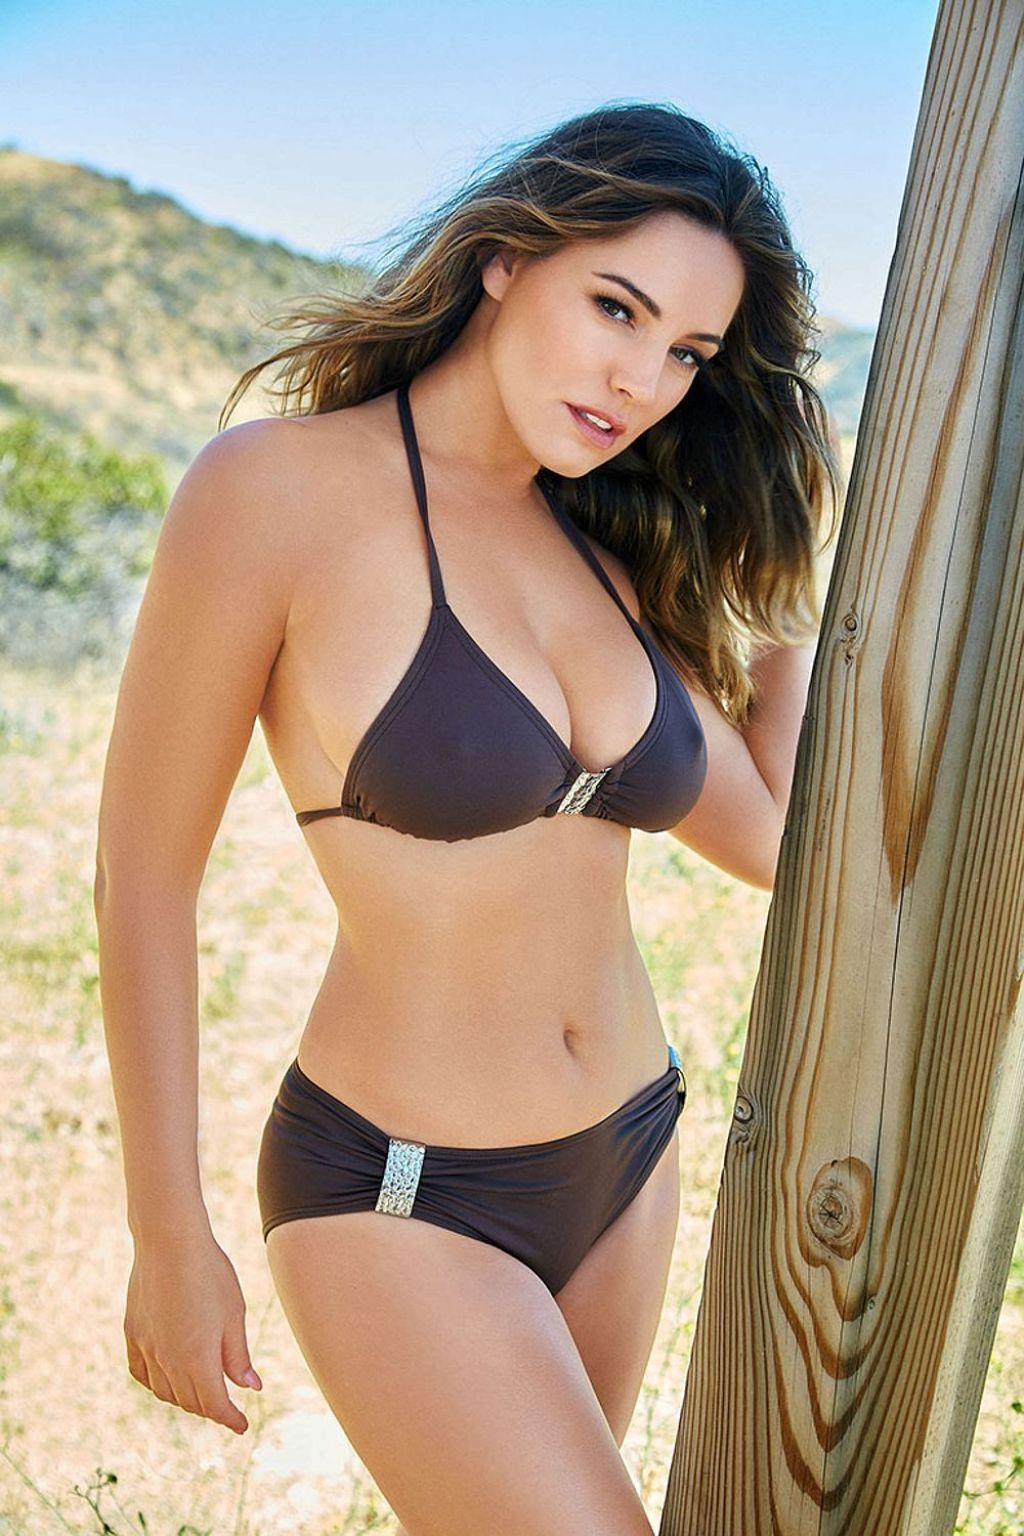 Bikini Photo Gallery 116